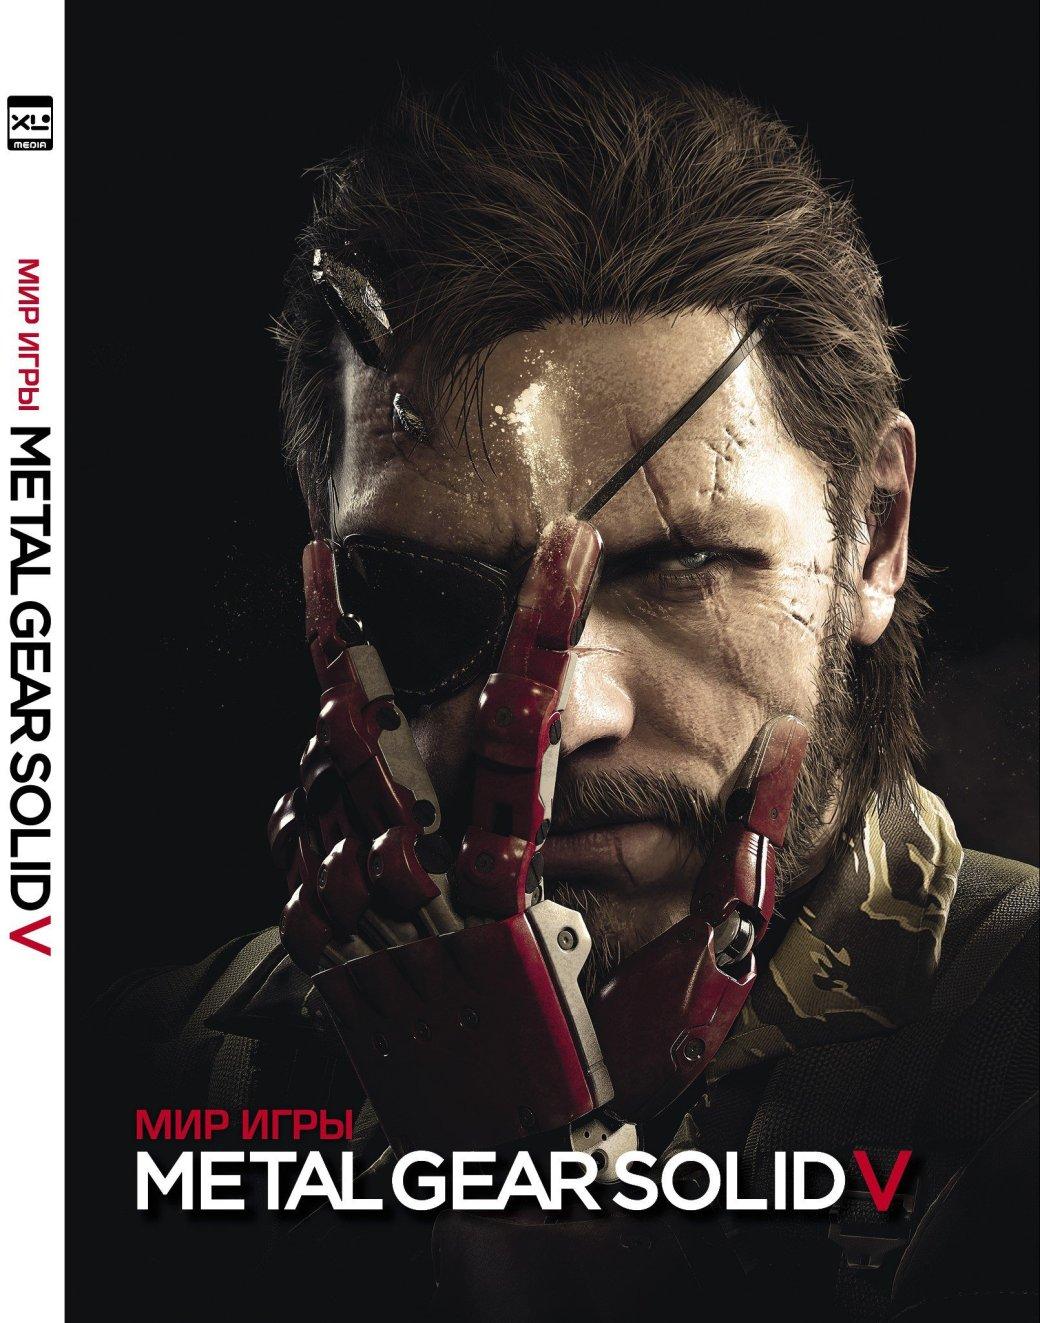 Konami задержала выход артбука «Мир игры Metal Gear Solid 5» в России   Канобу - Изображение 12471